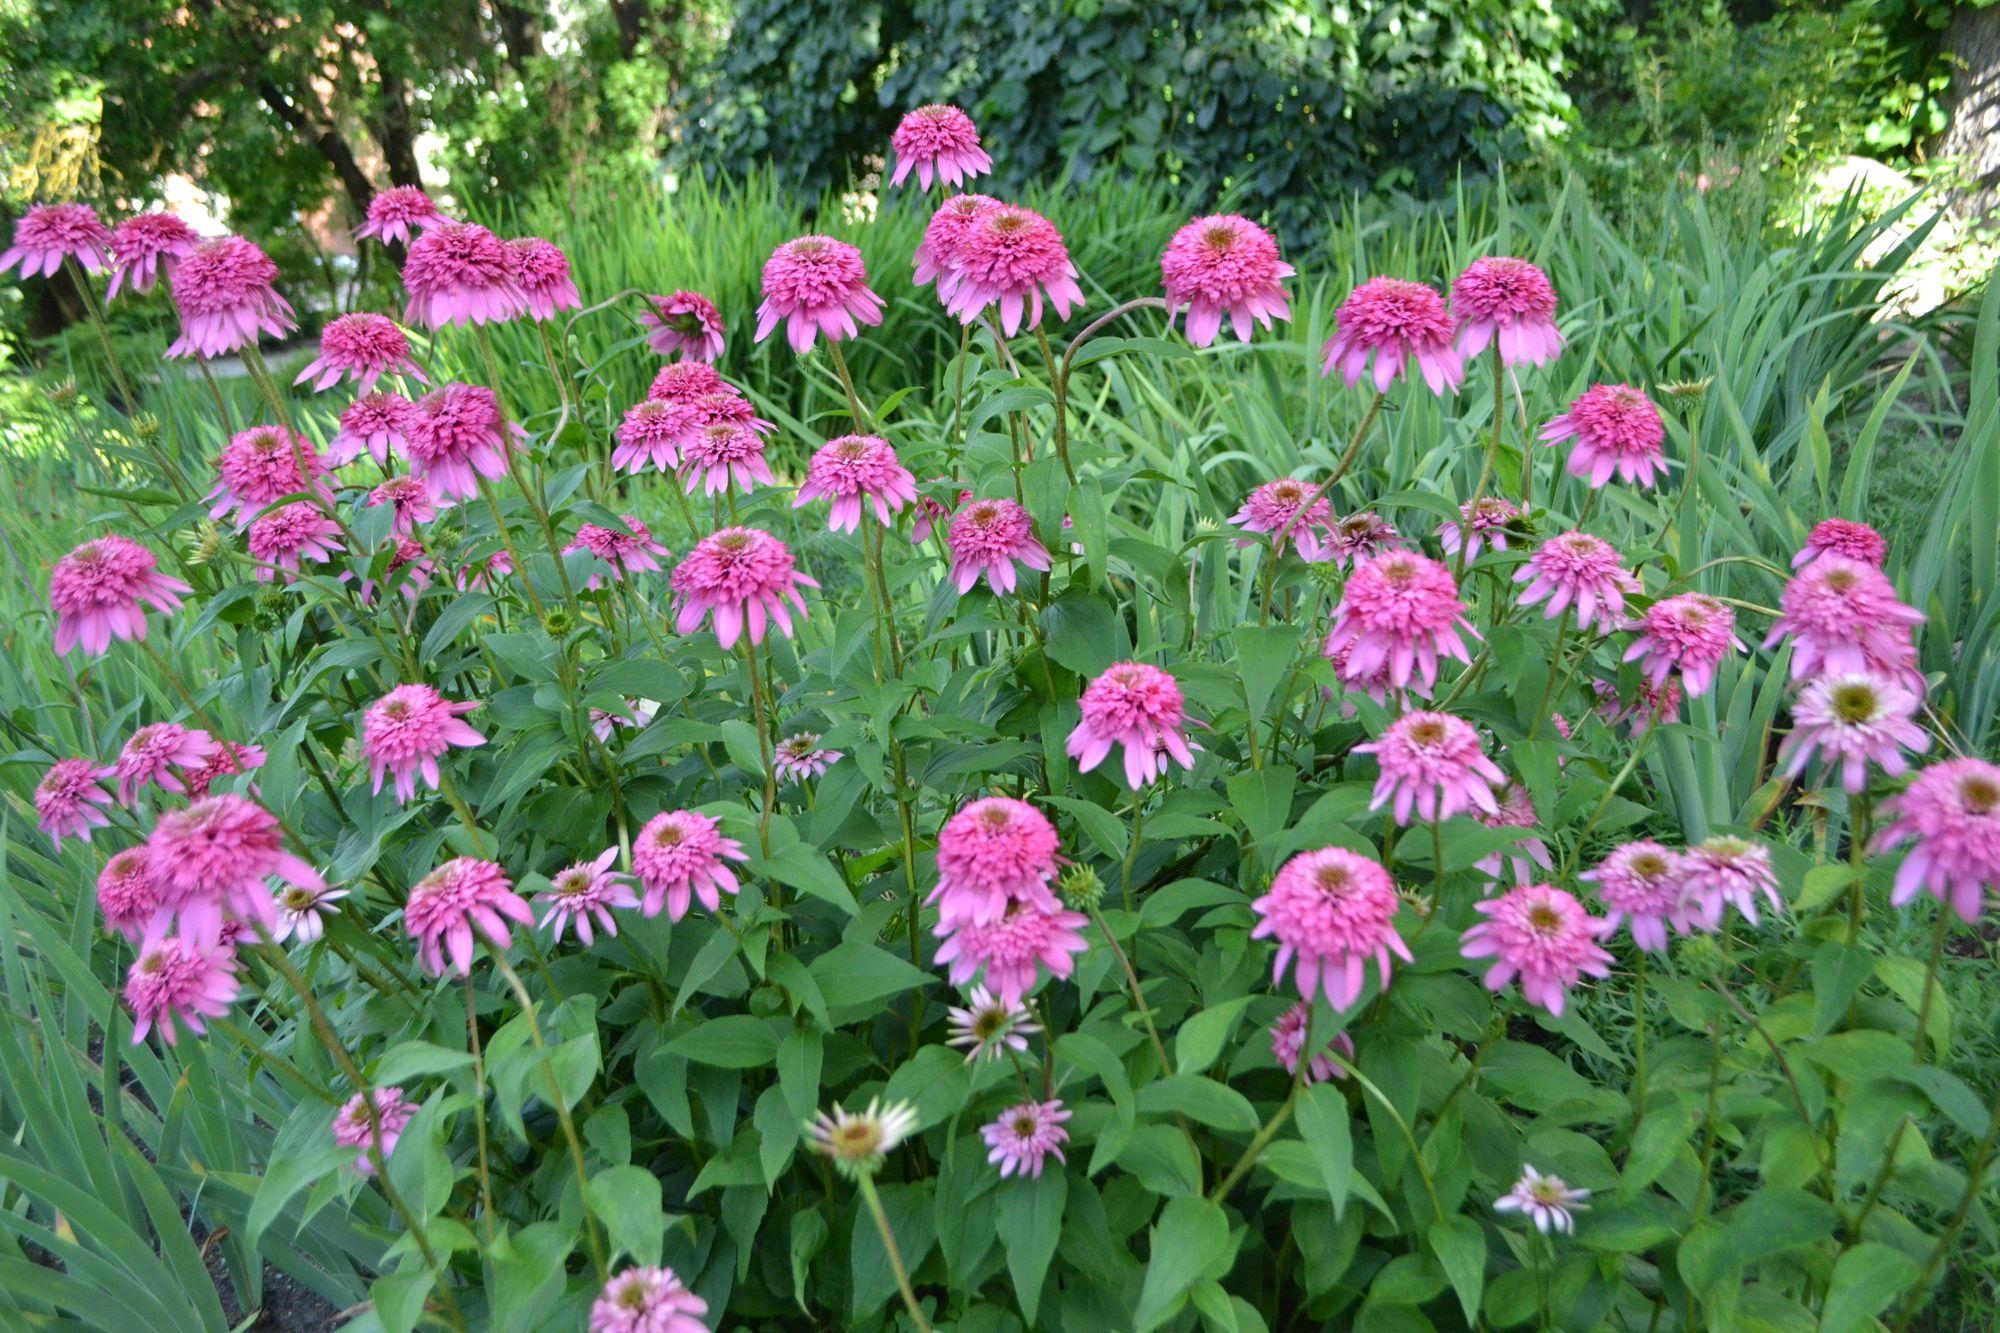 Rausvažiedė ežiuolė 'Razzmatazz' (Echinacea purpurea)